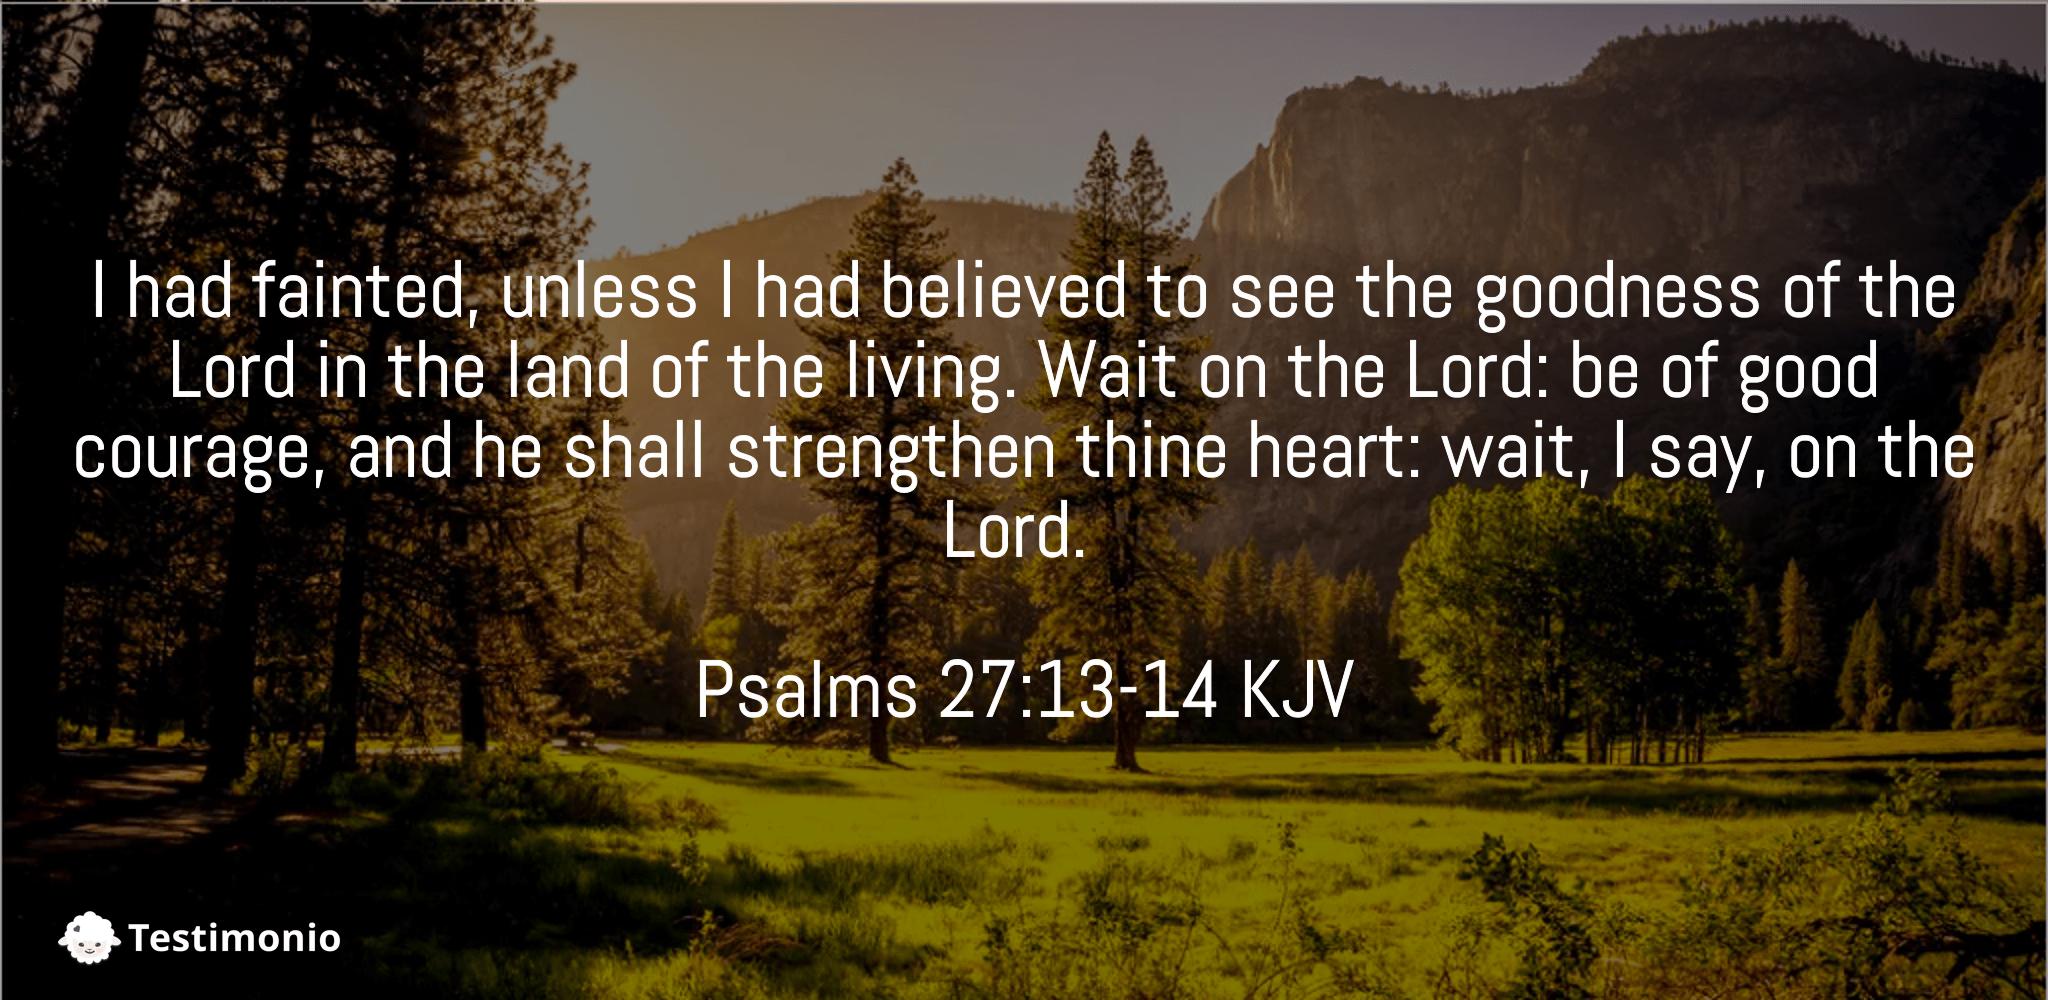 Psalms 27:13-14